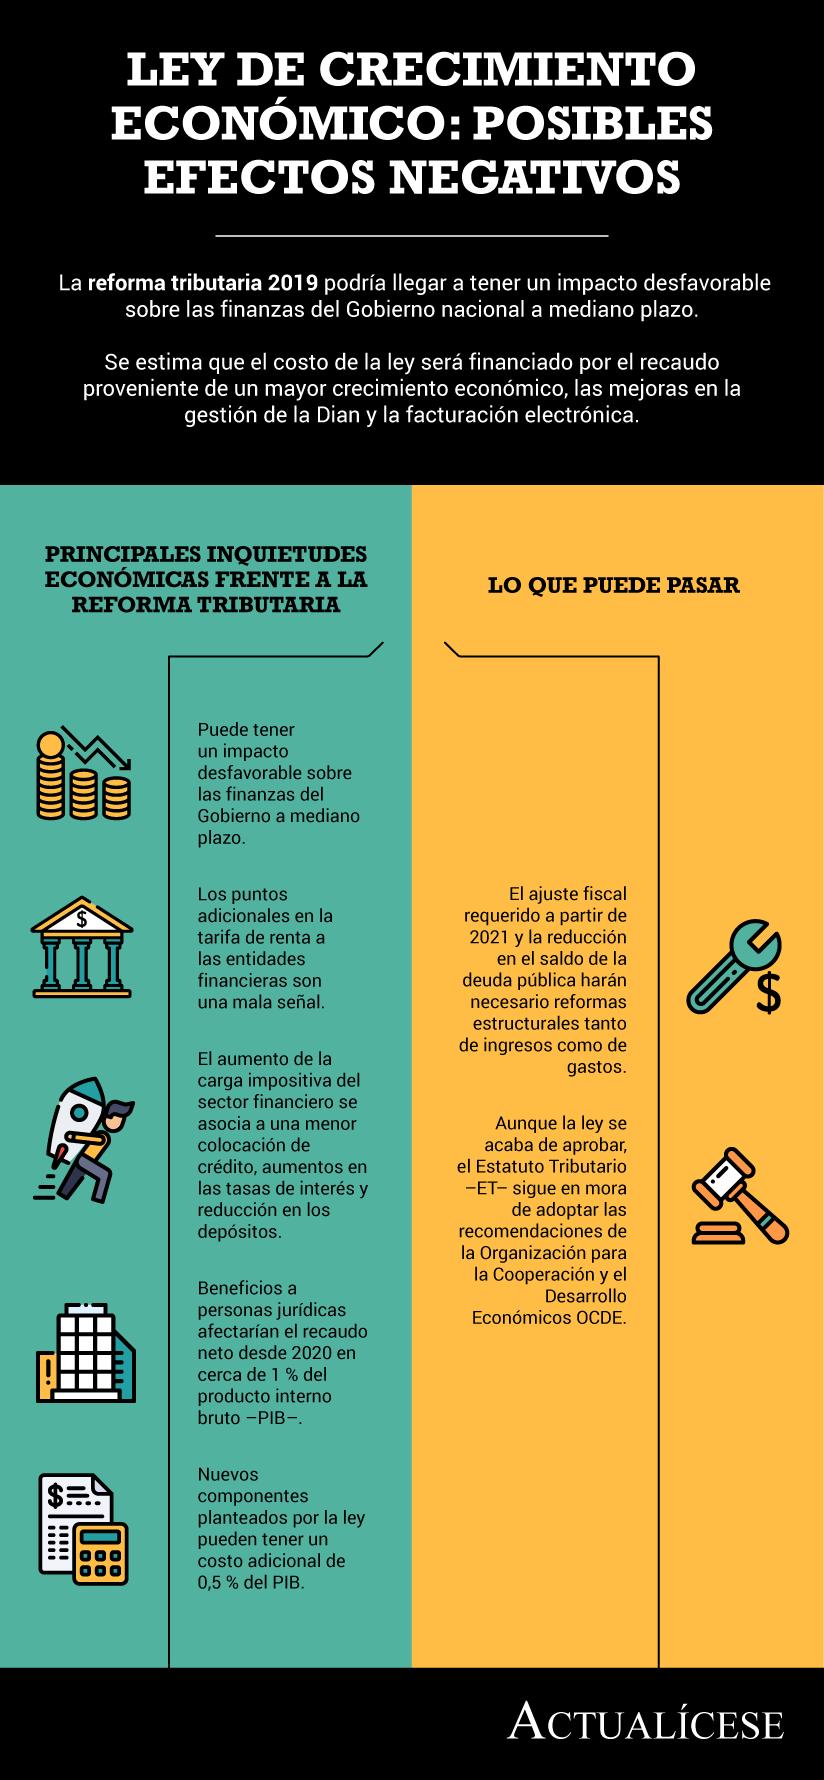 [Infografía] Ley de crecimiento económico: posibles efectos negativos